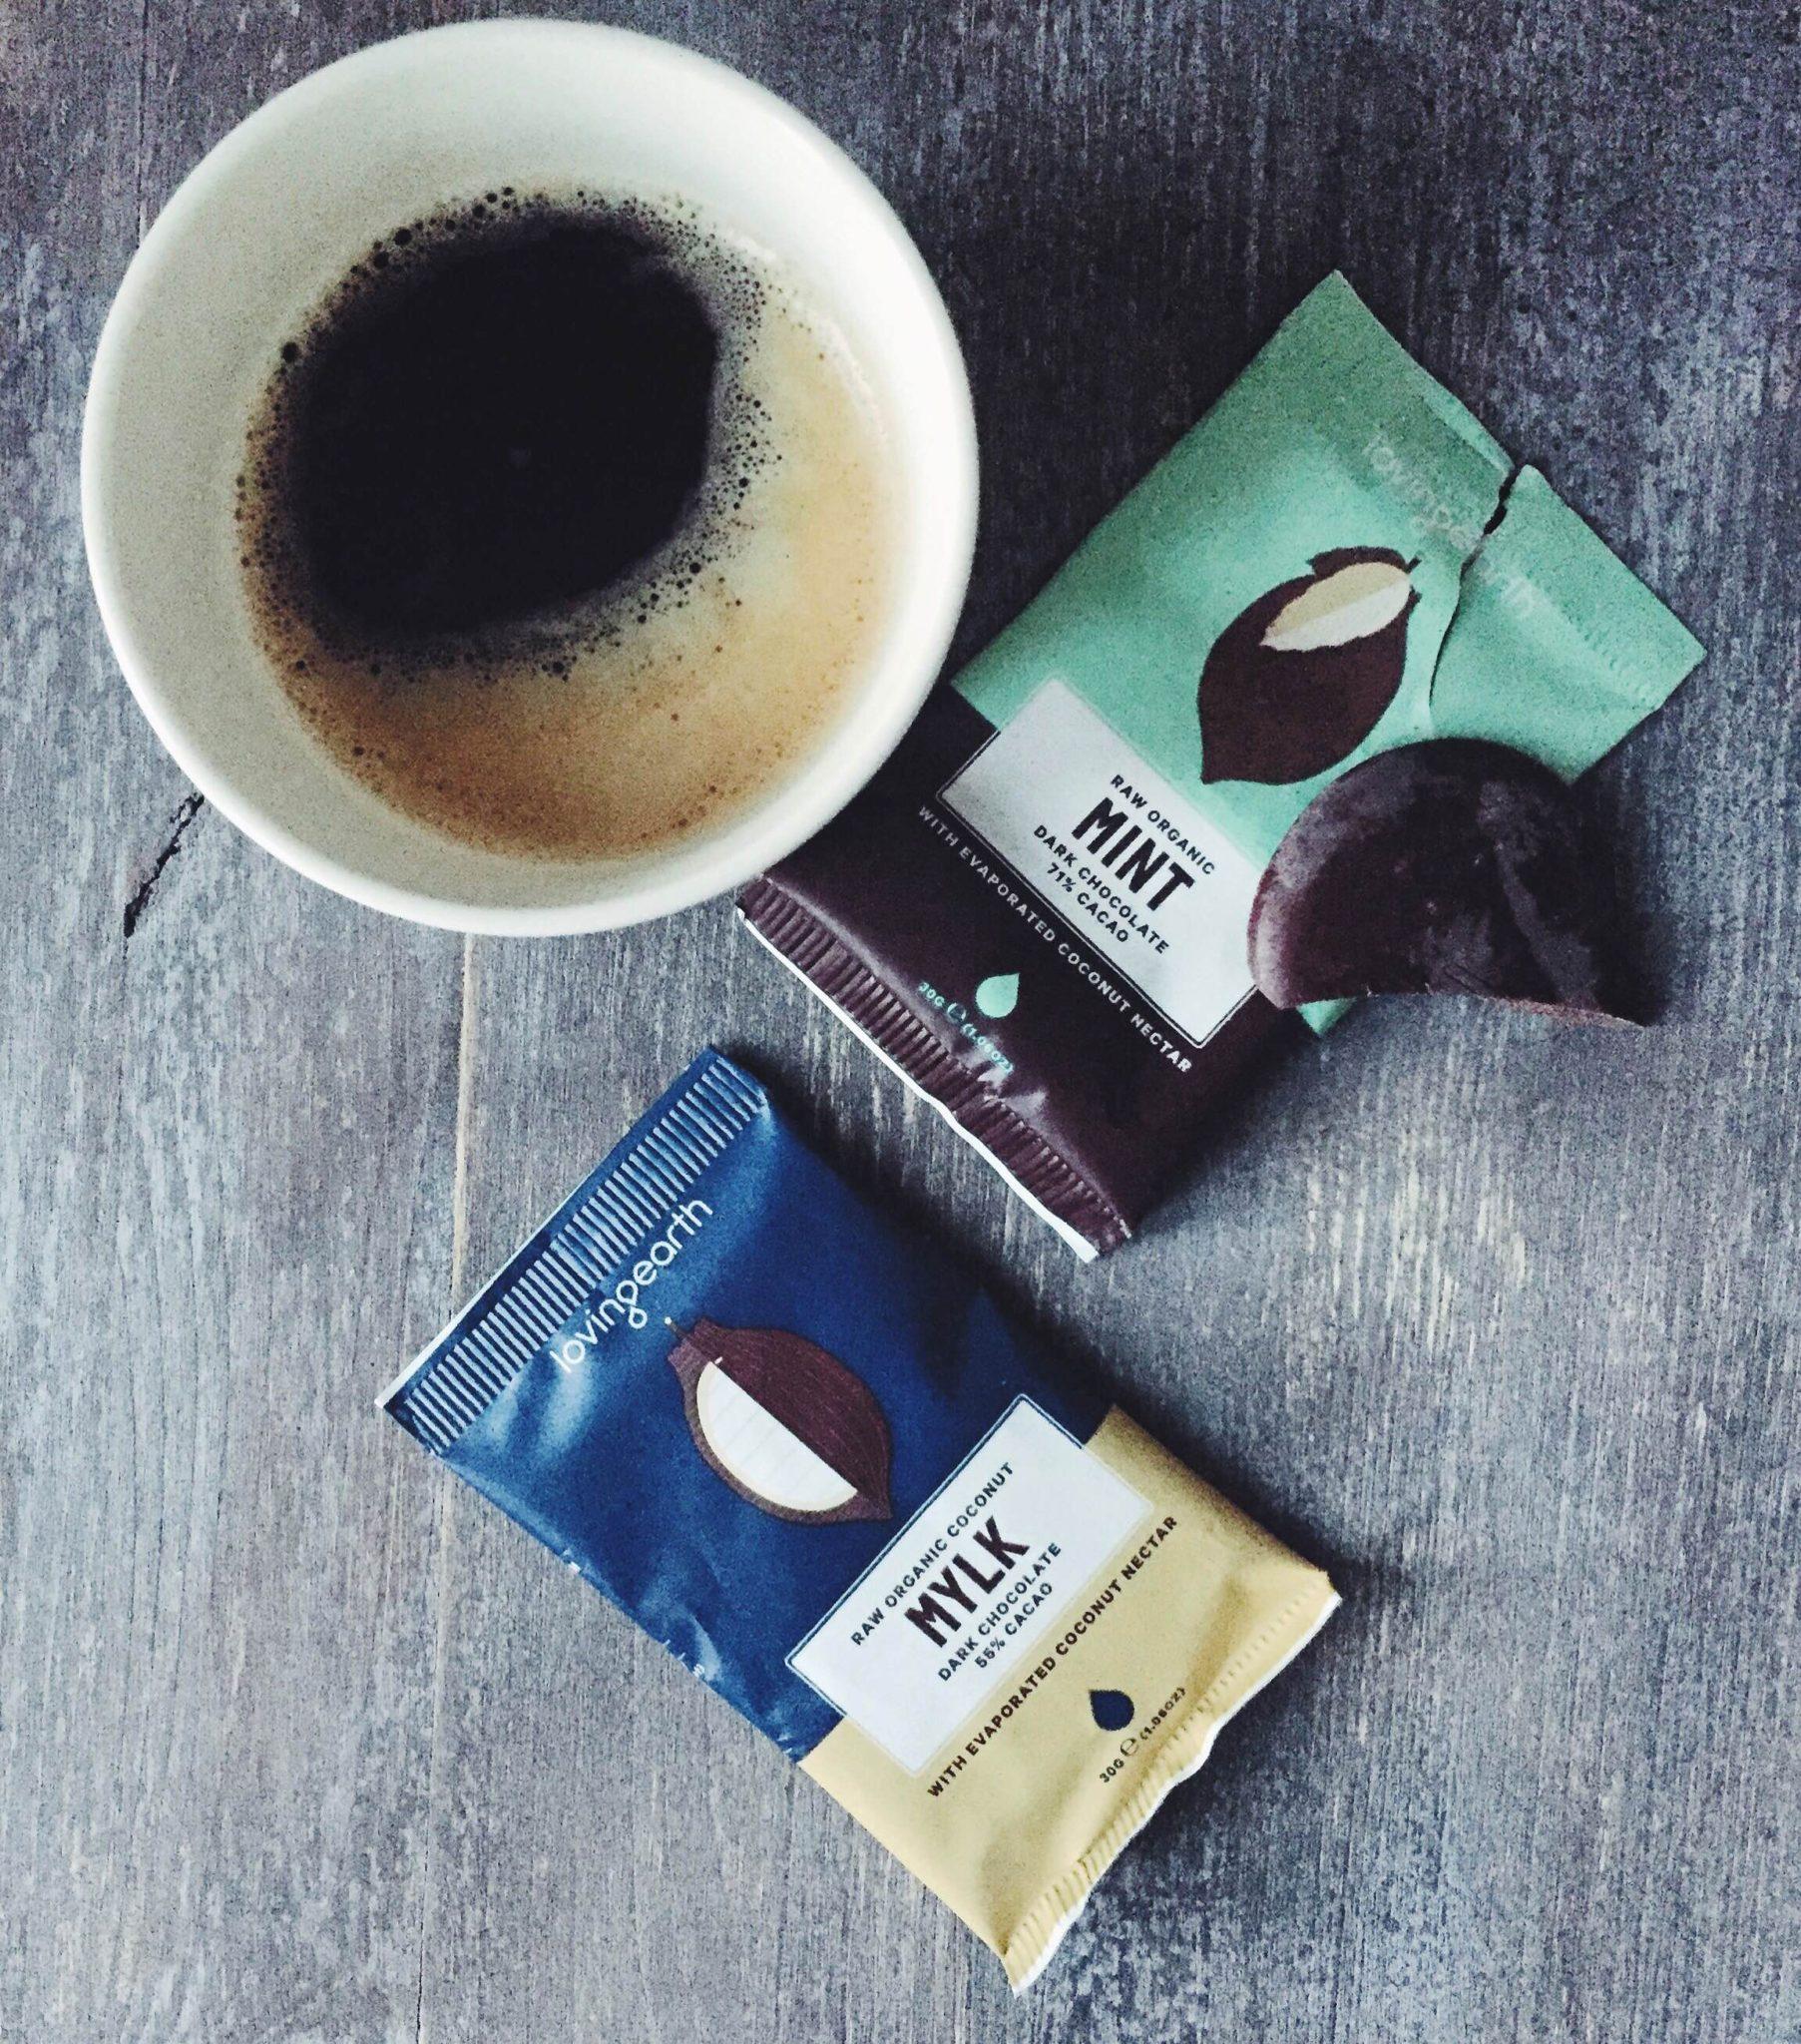 Chokolade fra Loving Earth. Med mælk og mint- Smuk æstetisk indpakning og kaffe.